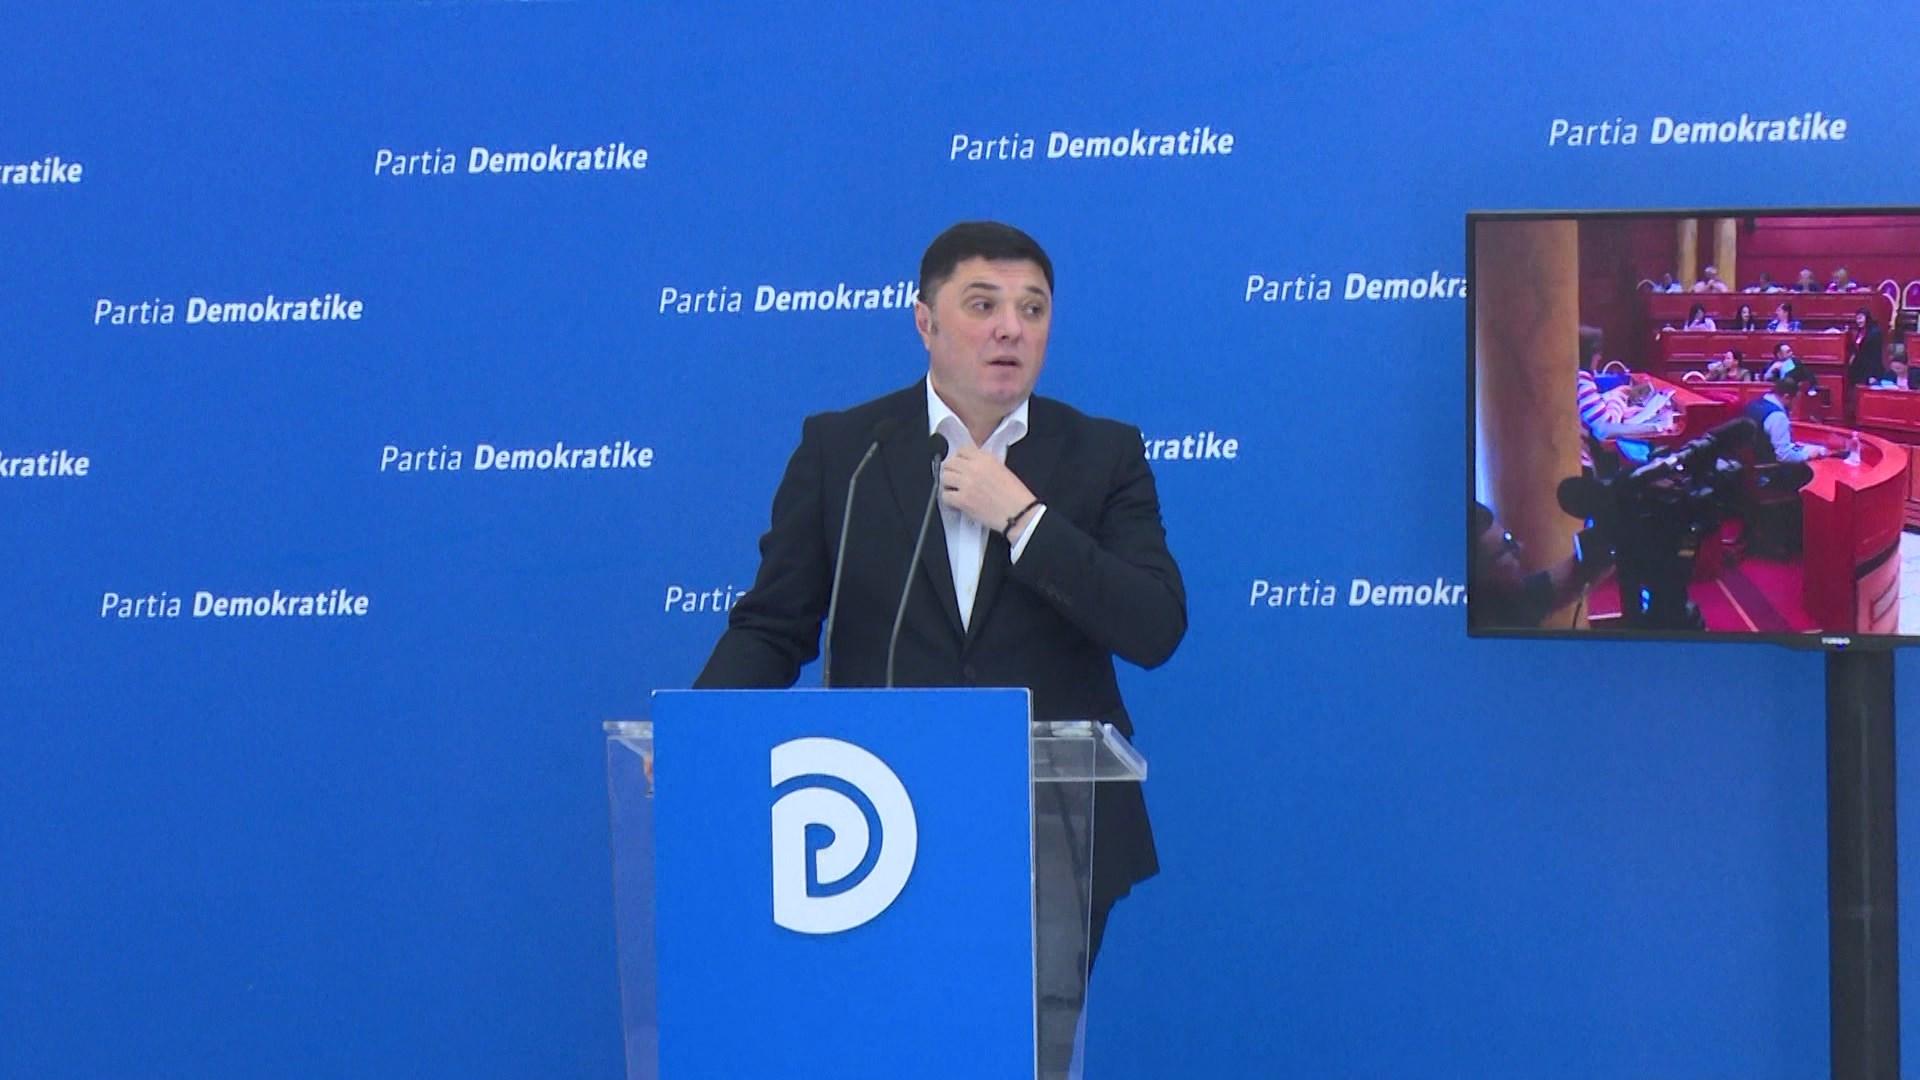 Kryetari i këshilltarëve bashkiakë të PD denoncon Veliajn dhe Ramën